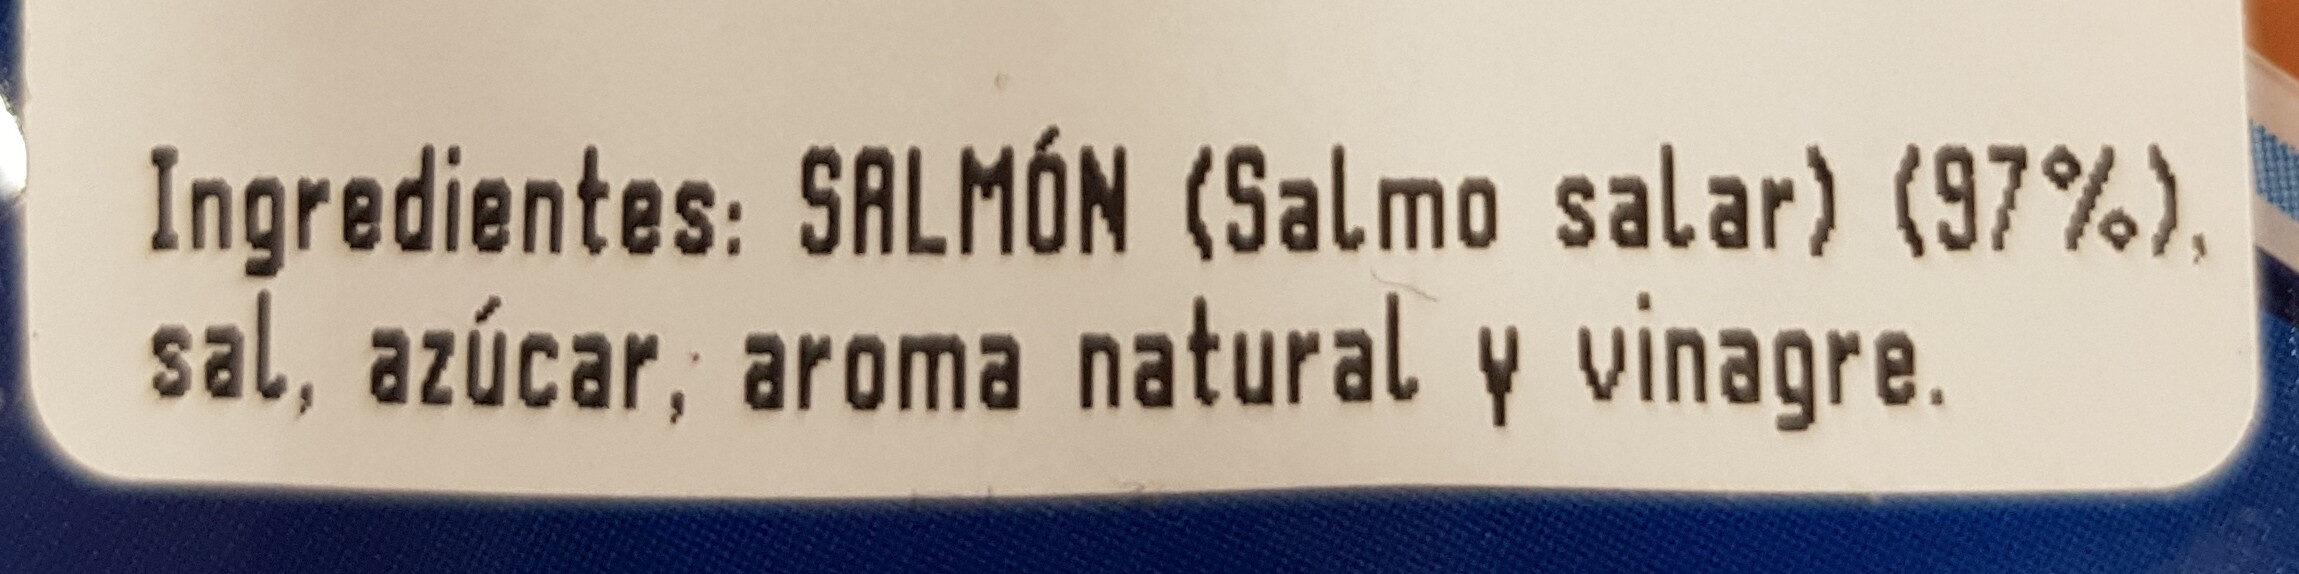 Salmón ahumado - Ingredients - es